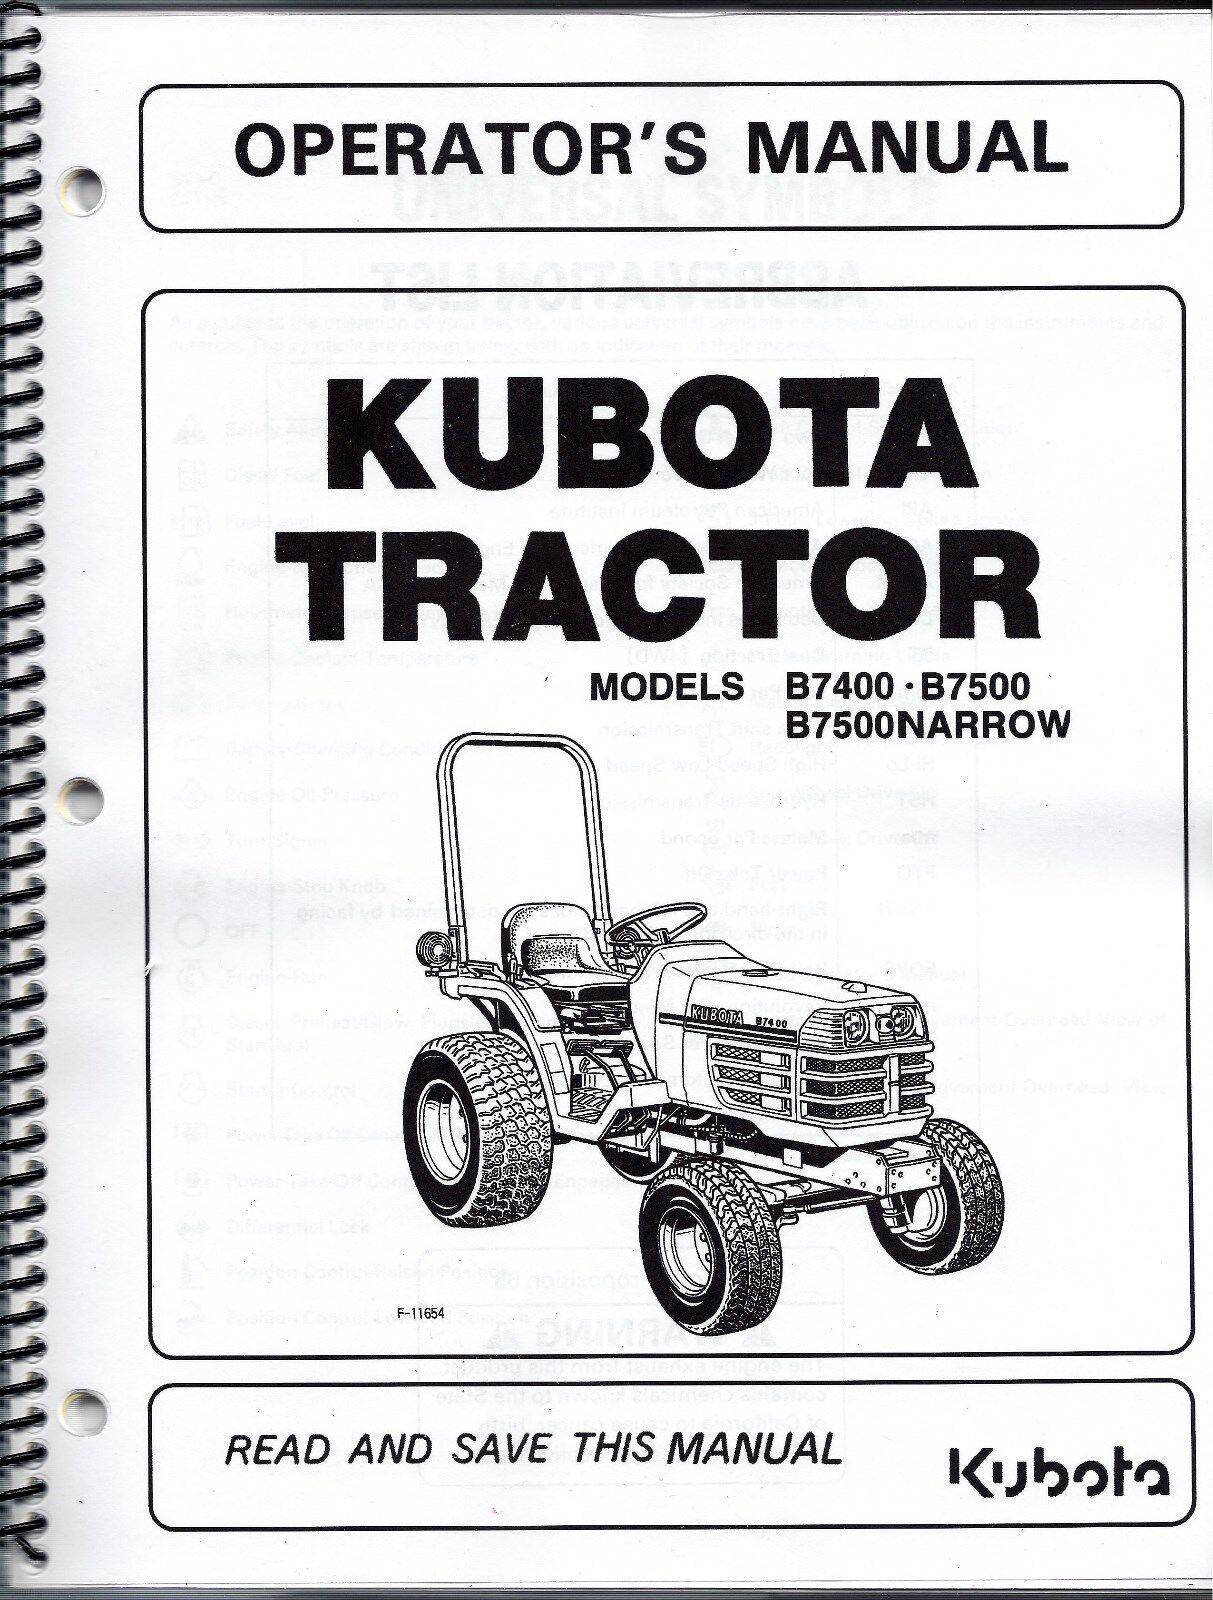 Kubota Tractor Manual – Kubota G1800 Wiring-diagram